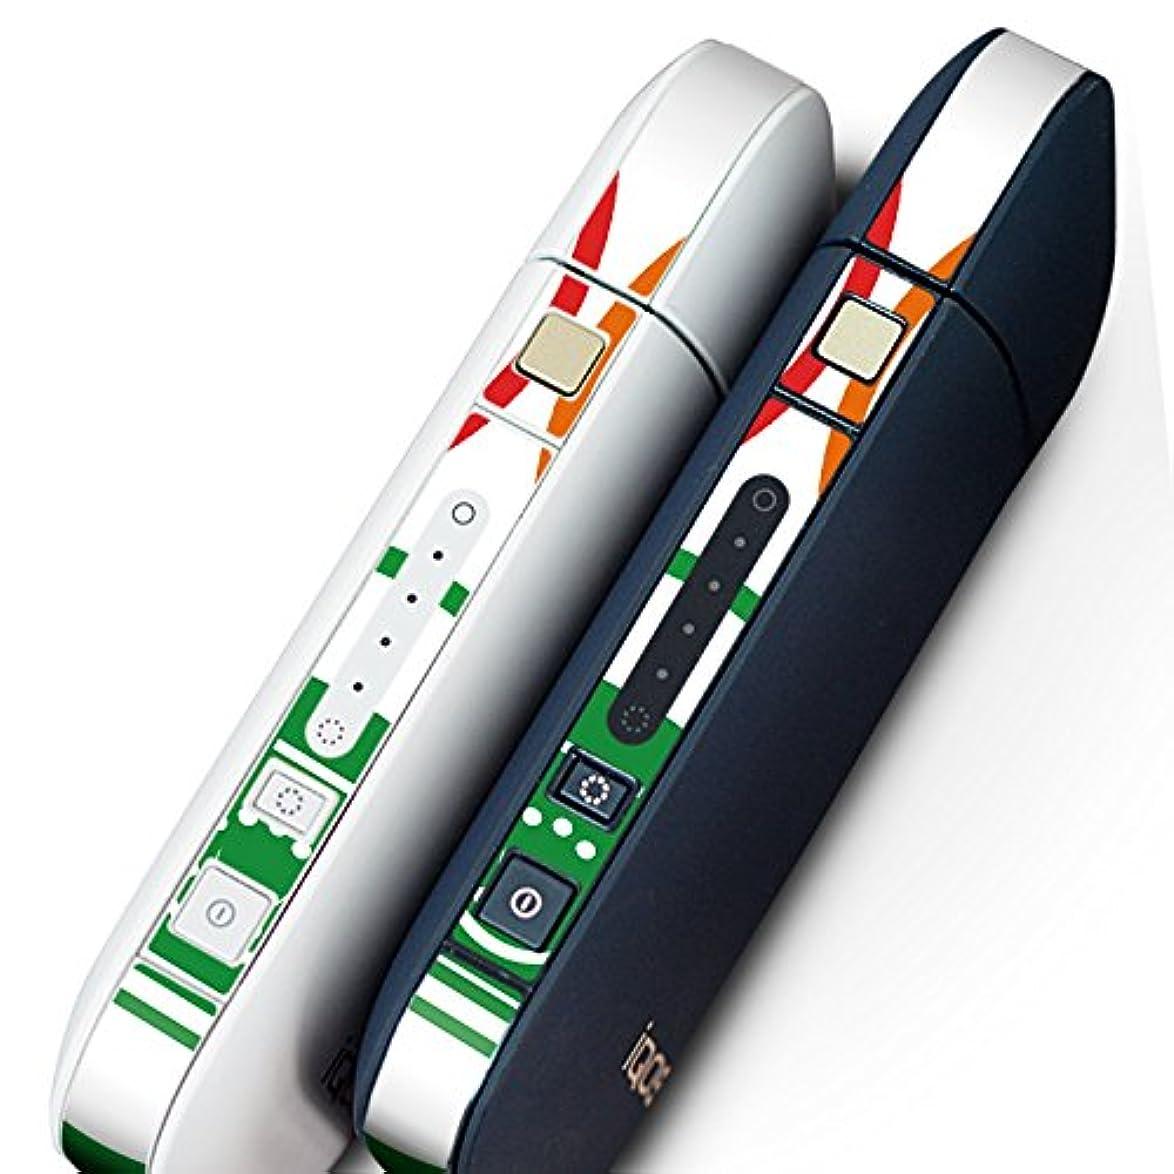 劣る契約したマニフェストIQOS 専用 シール ケース 側面スキンシール 専用スキンシール バンパー カバー 保護 フィルム ステッカー デコ アクセサリー デザイン おしゃれ その他 電話 アイコン 006544